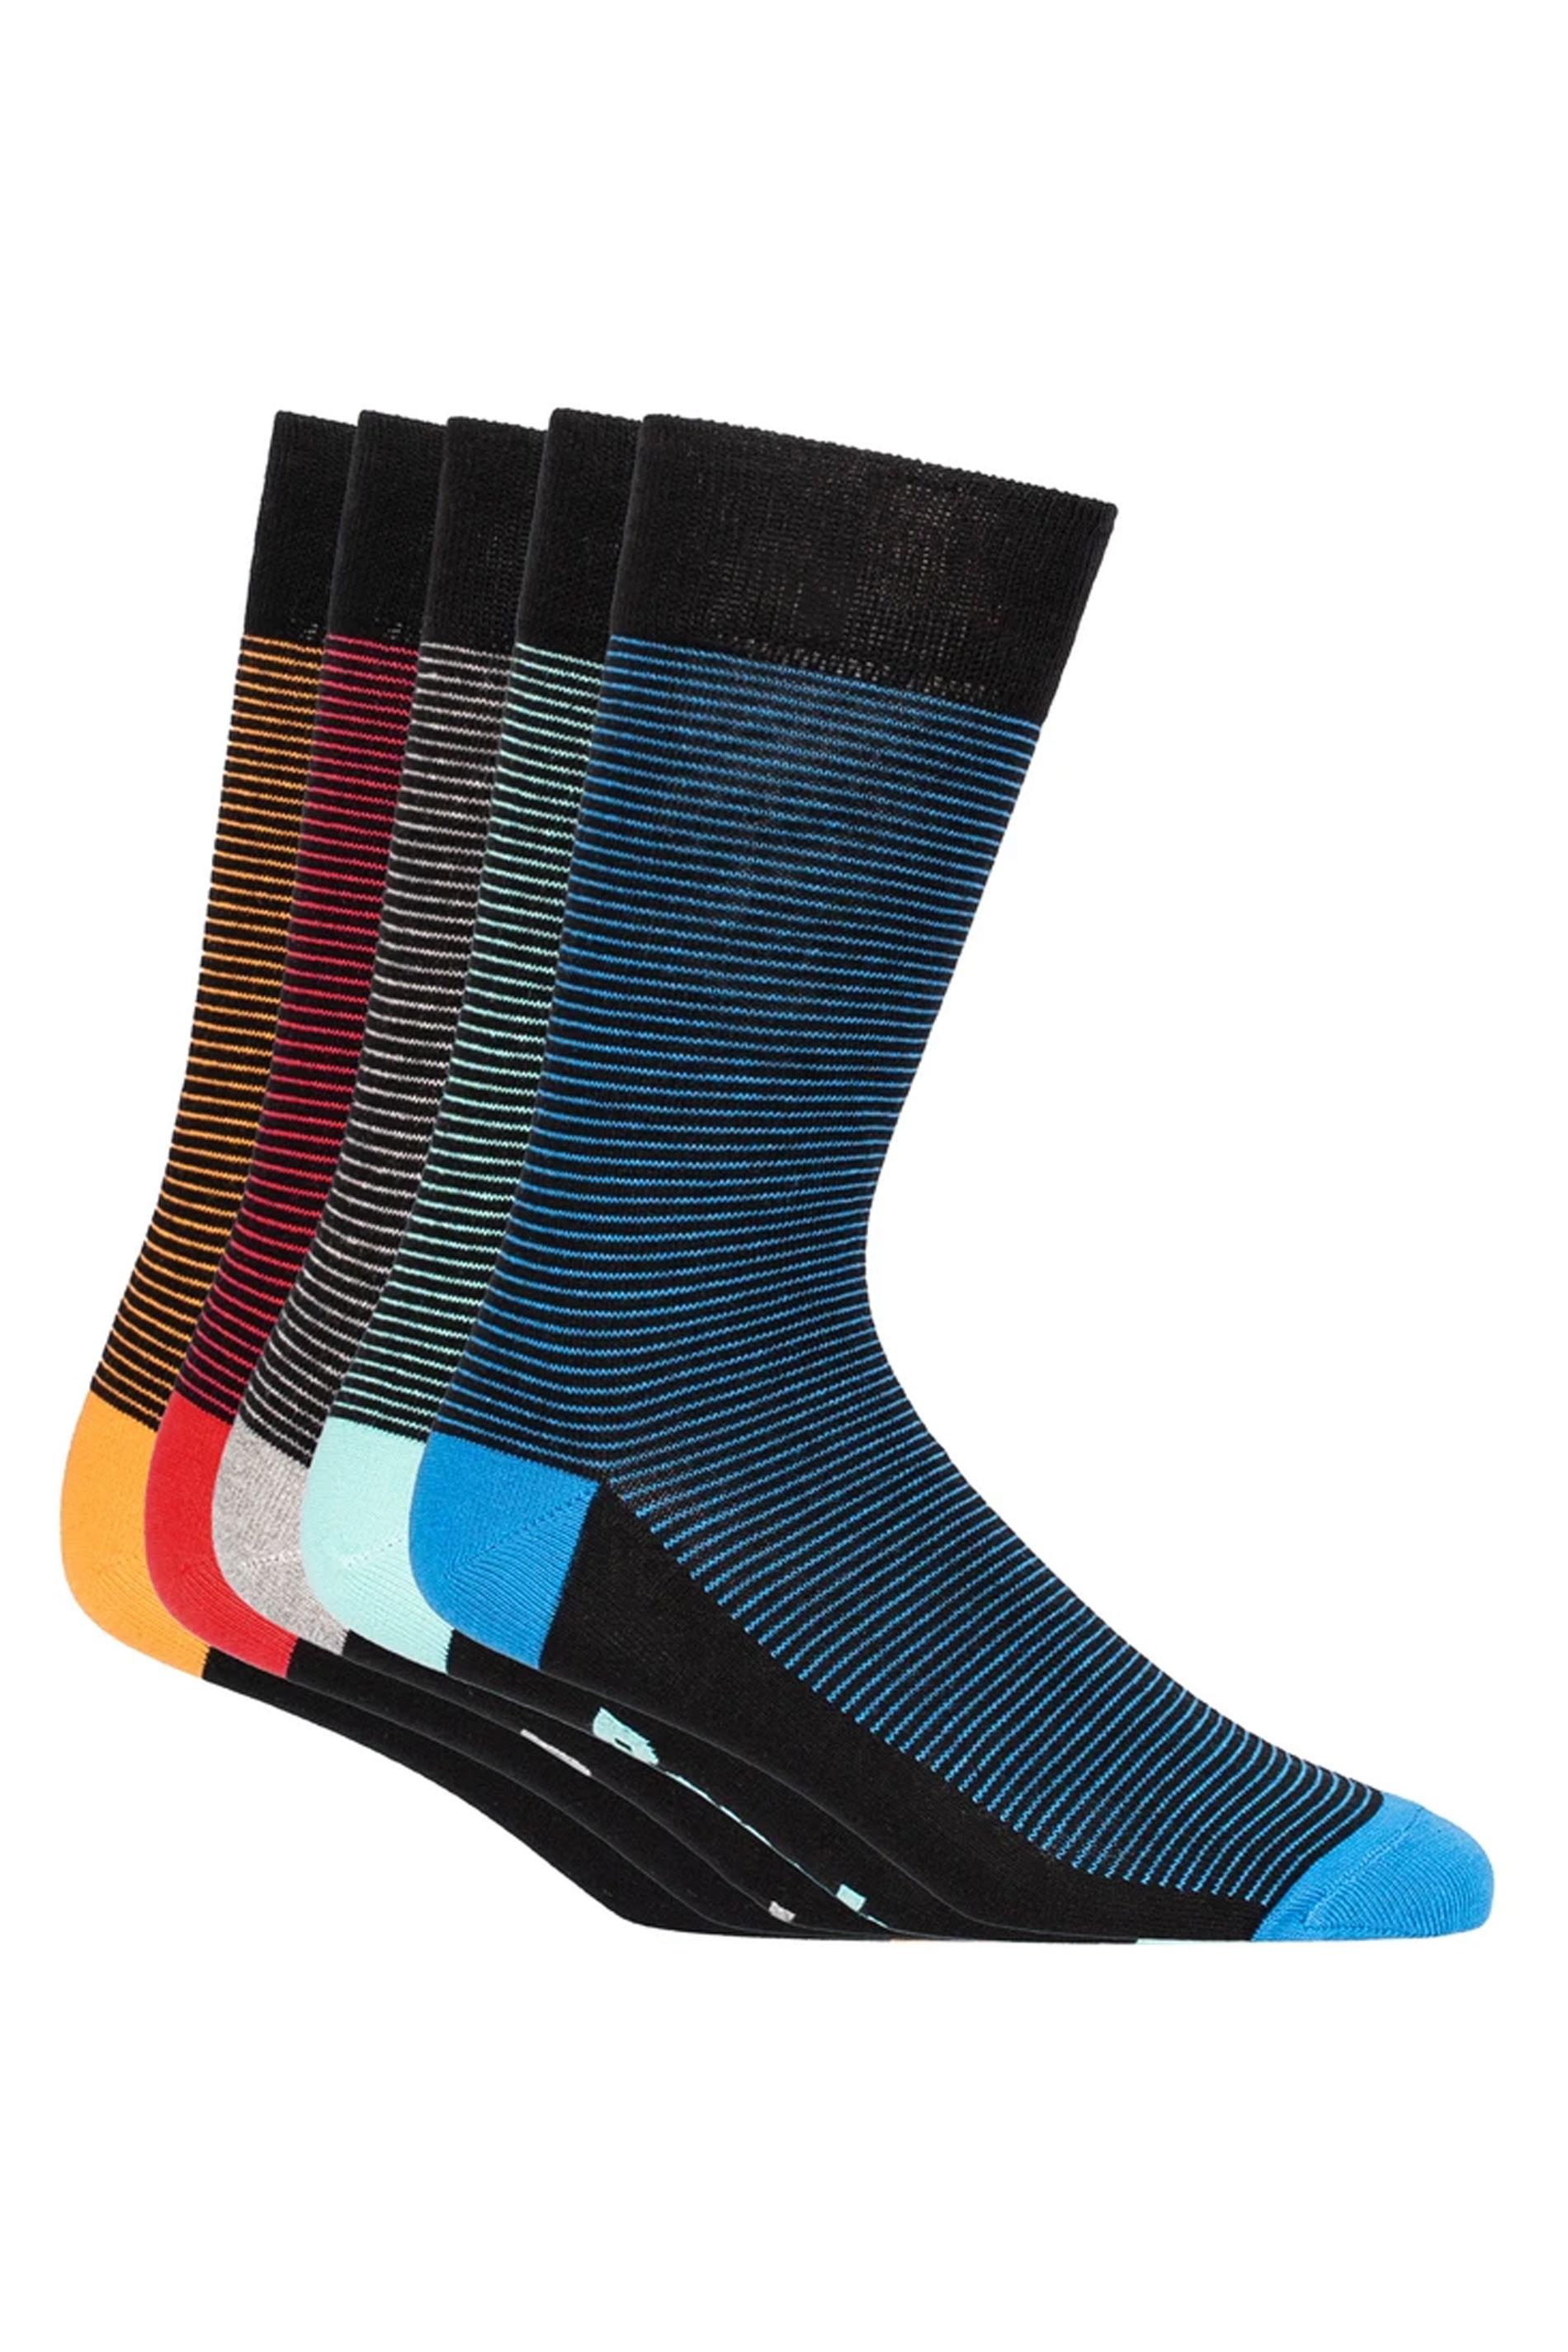 BENCH 5 PACK Multi Stripe Inca Crew Socks